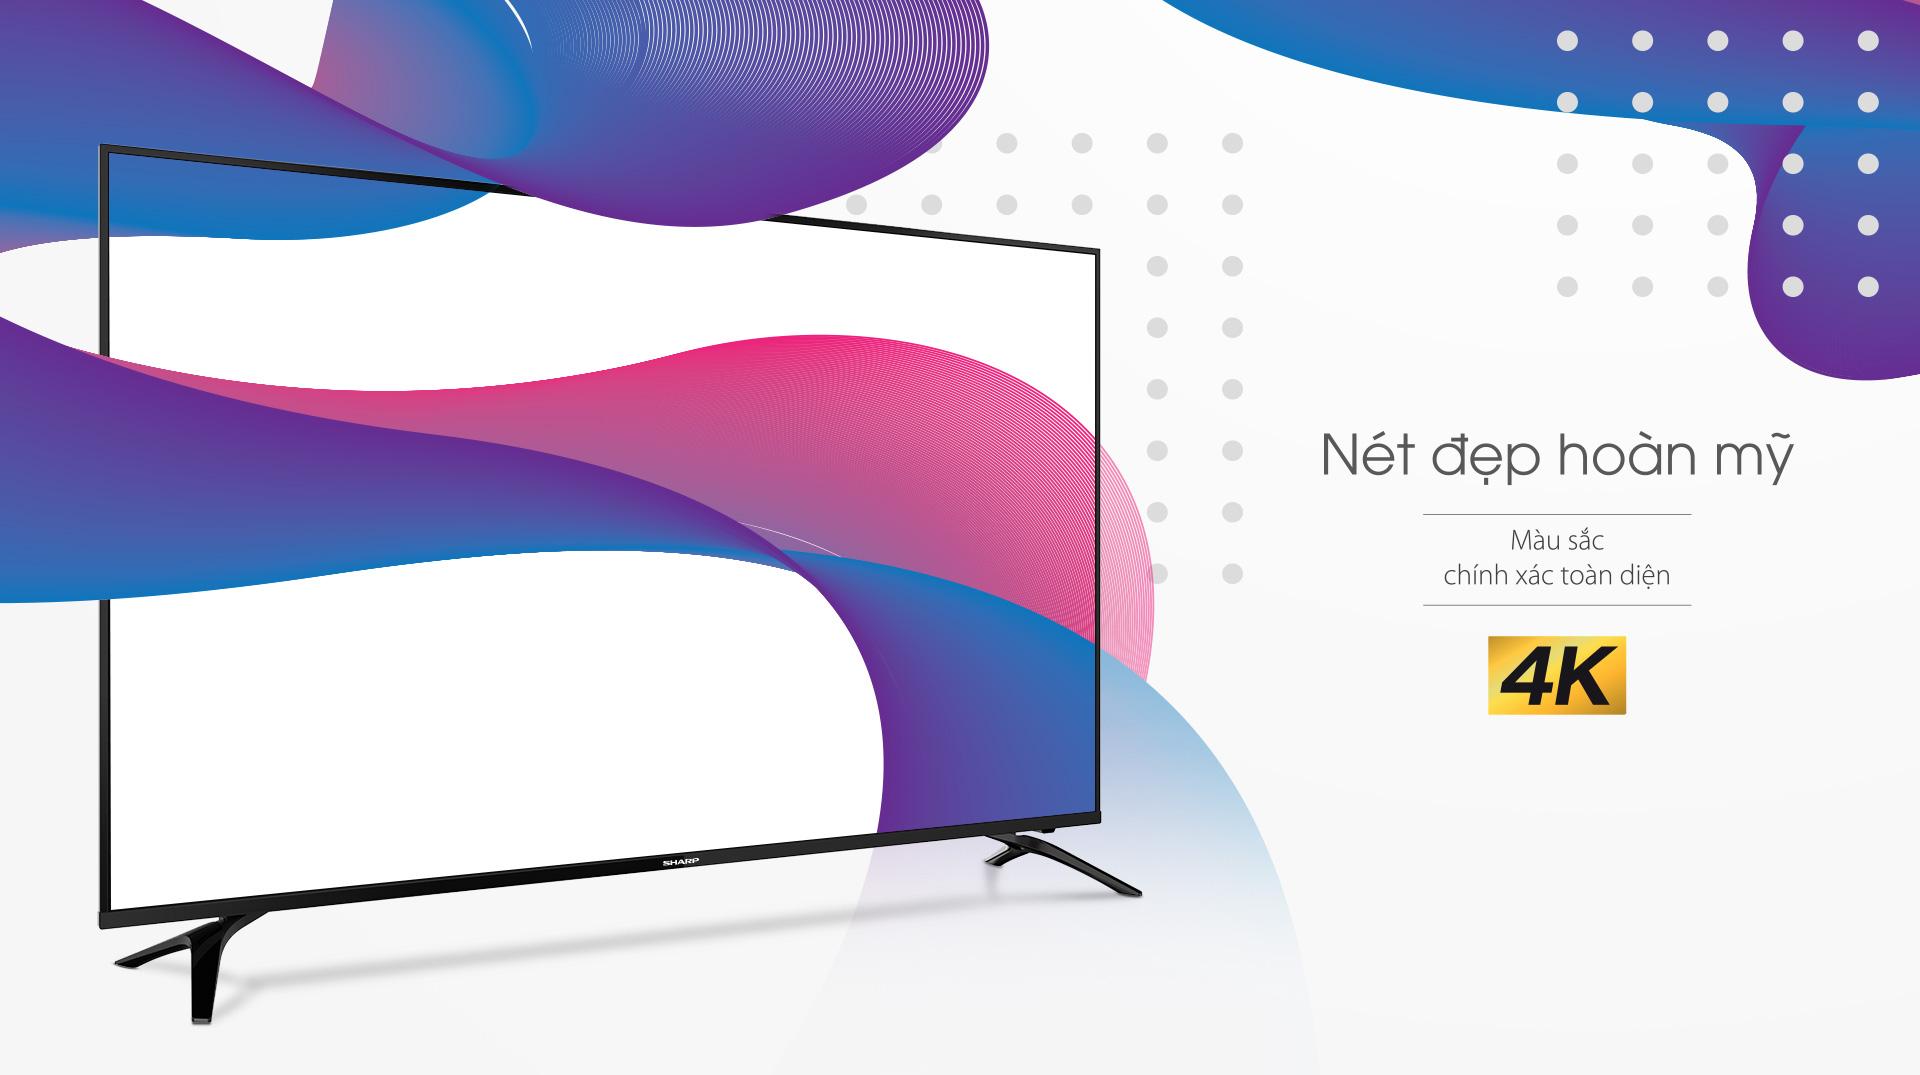 TV-4T-C60AL1X_0